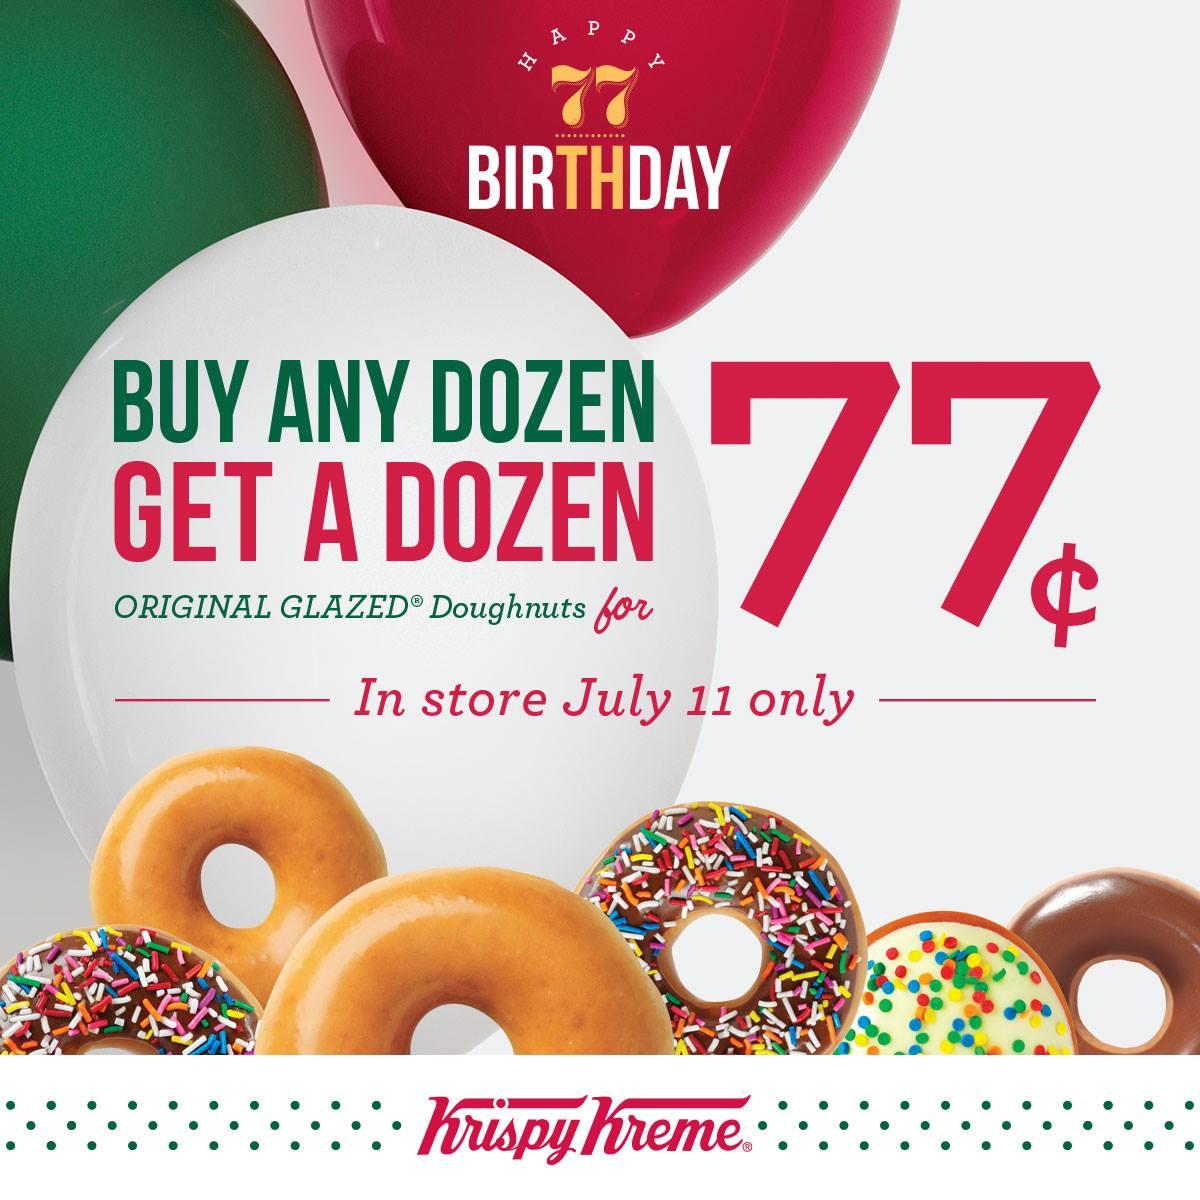 Free Birthday Krispy Kreme ~ Krispy kreme birthday bogo offer on friday mission to save